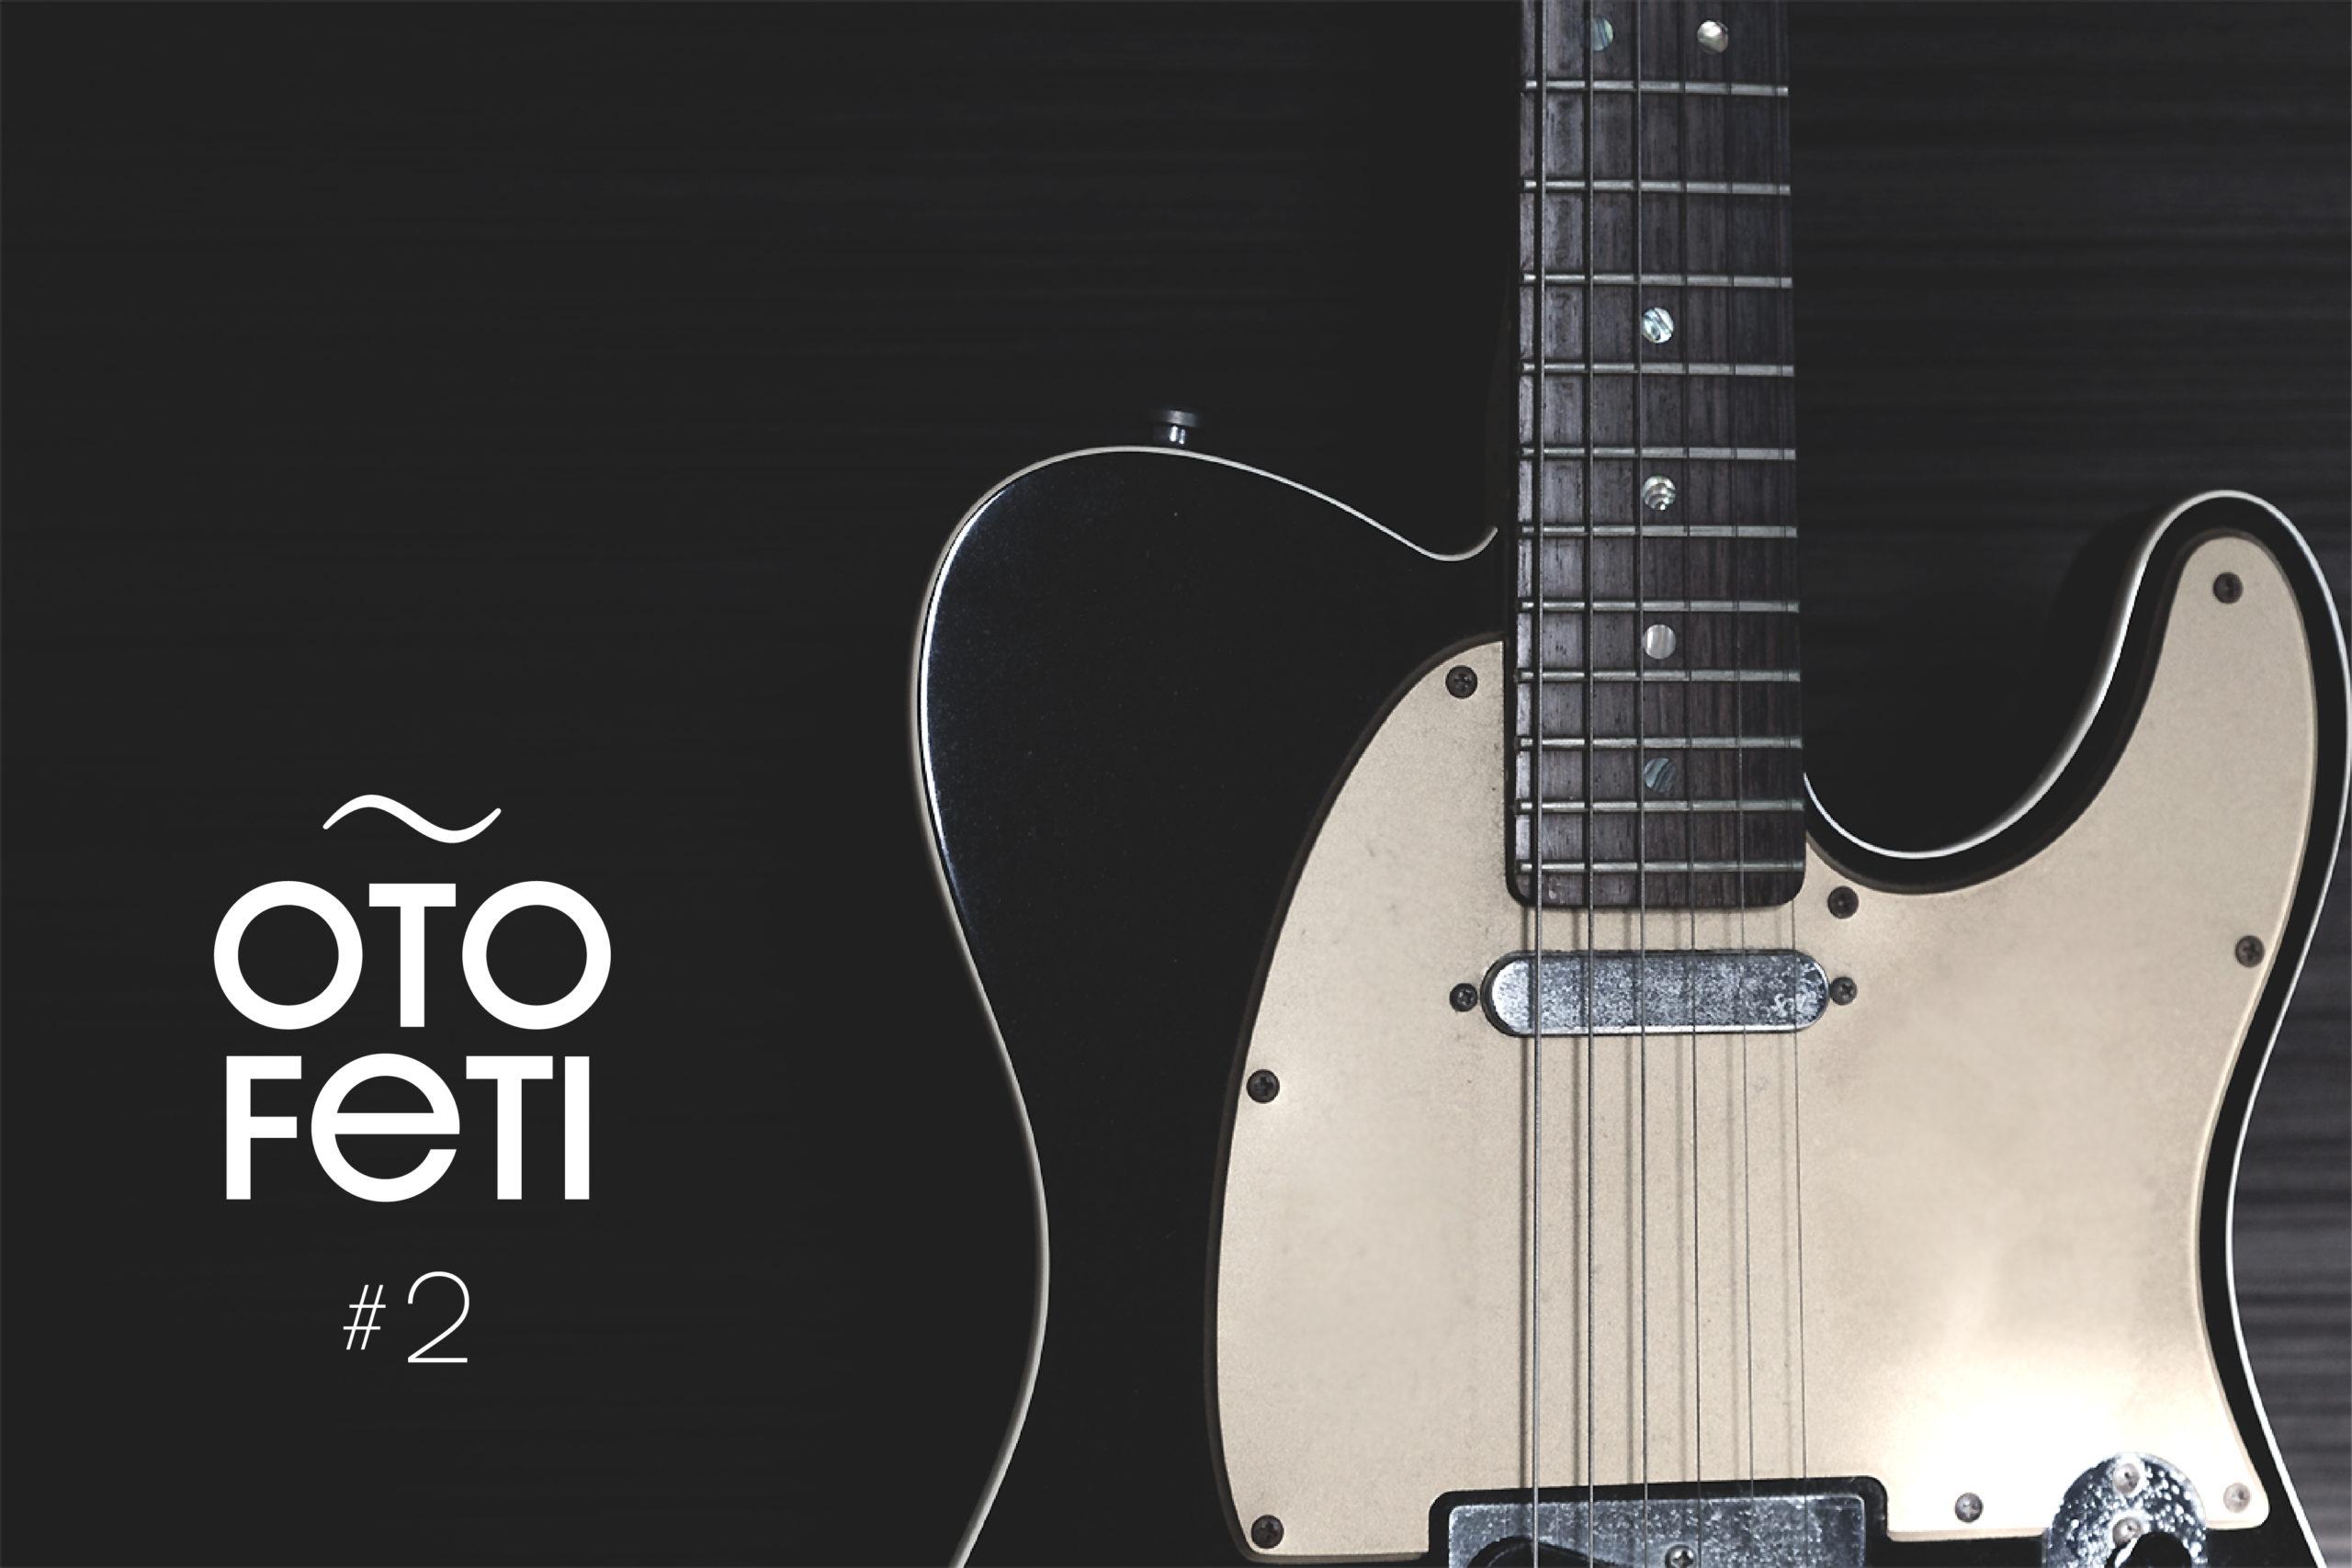 「美しい、オシャレ、かっこいい…印象的ギターリフカタログ【音フェチシリーズ #2】」のアイキャッチ画像